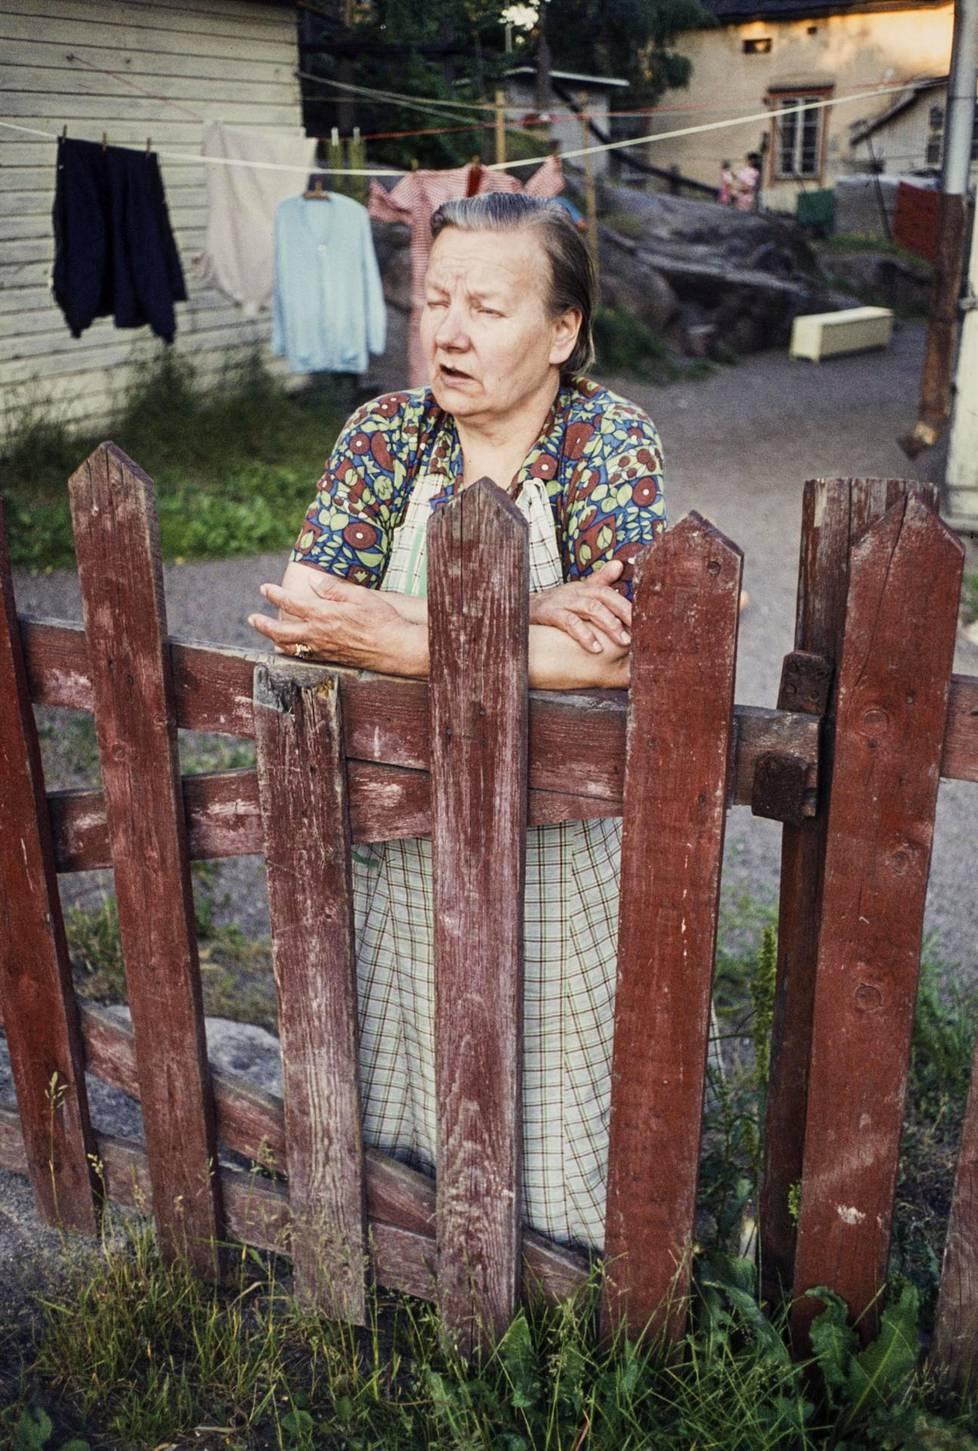 Nainen nojasi porttiin Puu-Pasilassa. Kuva on otettu 1970-luvulla.